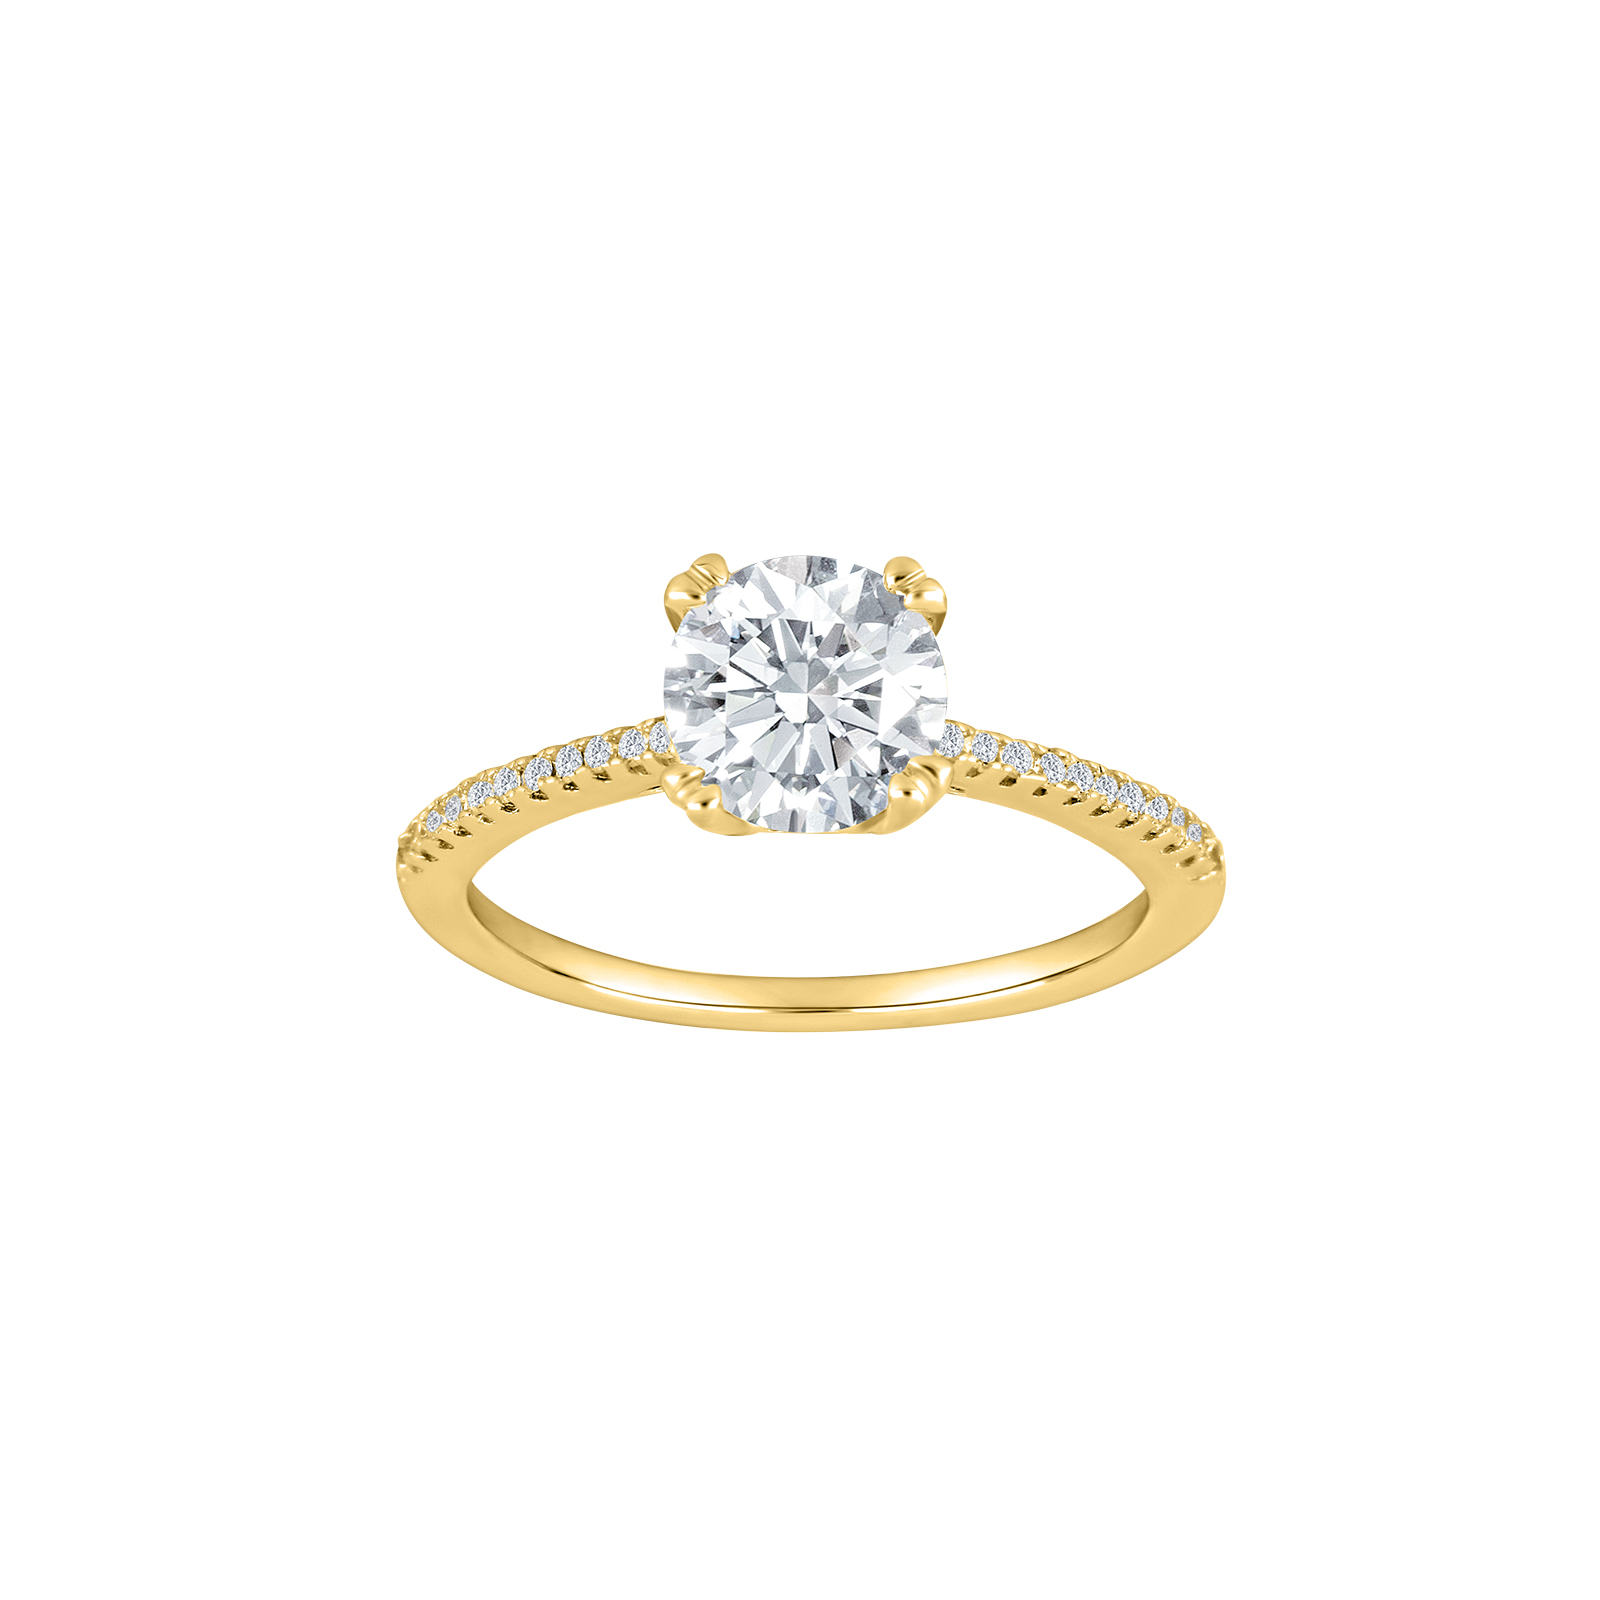 Ellenor ring fra Joanli Nor forgyldt sølv med zirkoner